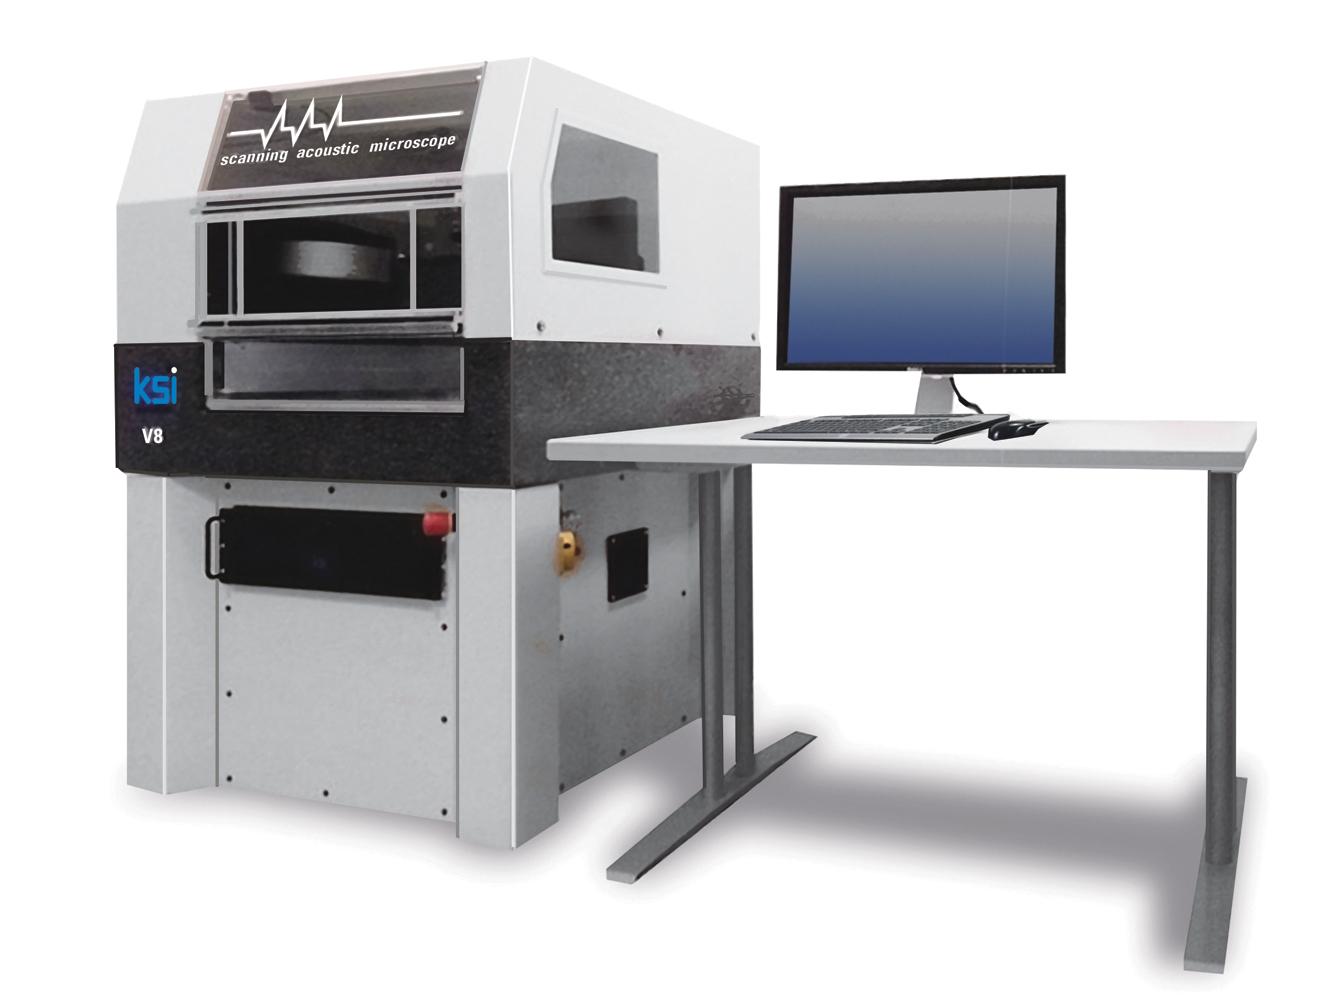 Ультразвуковой микроскоп KSI V8